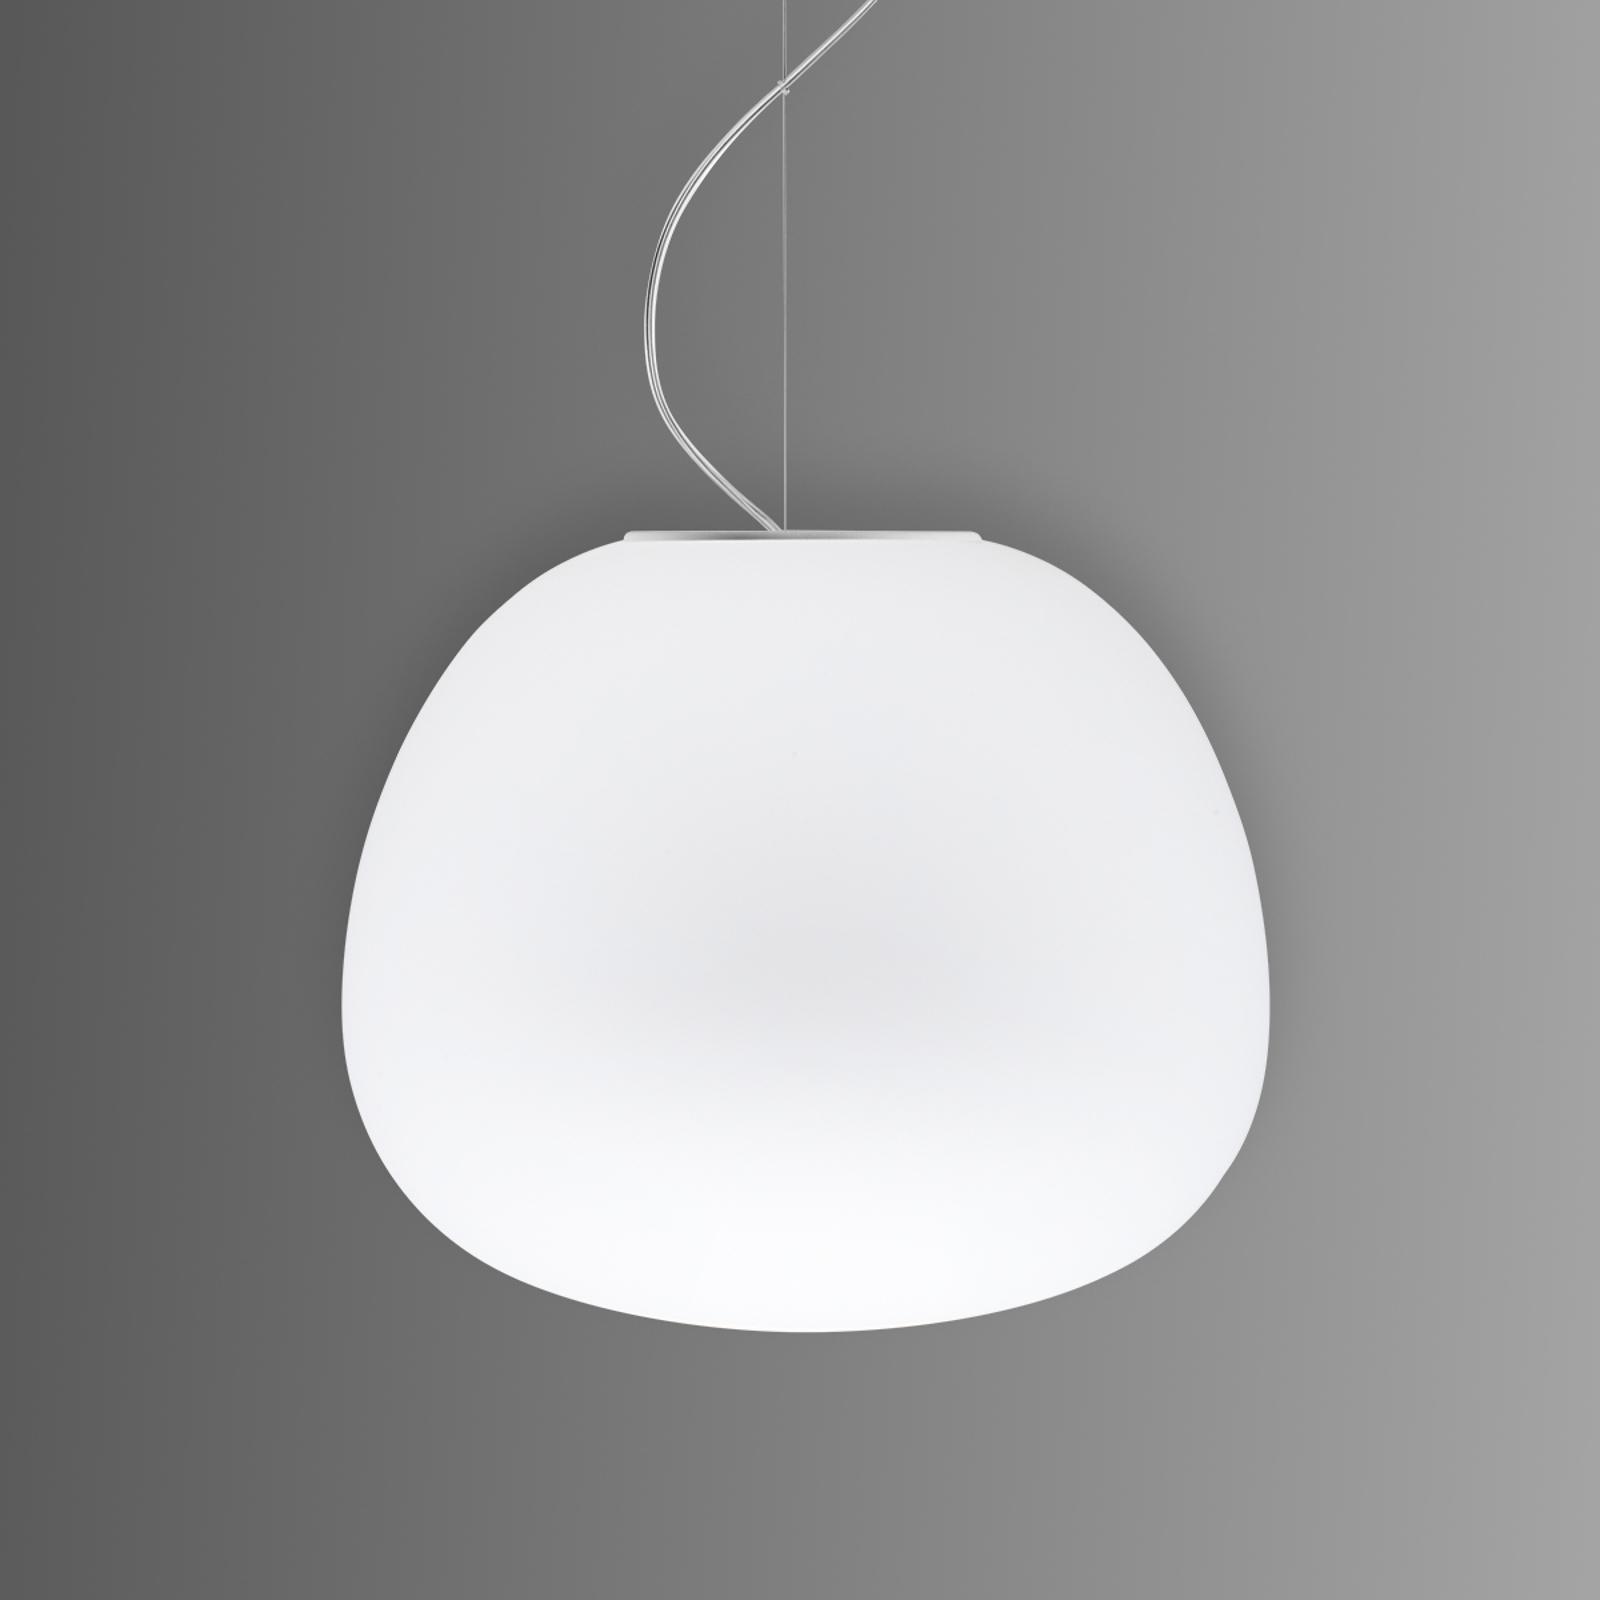 Esclusiva lampada a sospensione MOCHI 45 cm